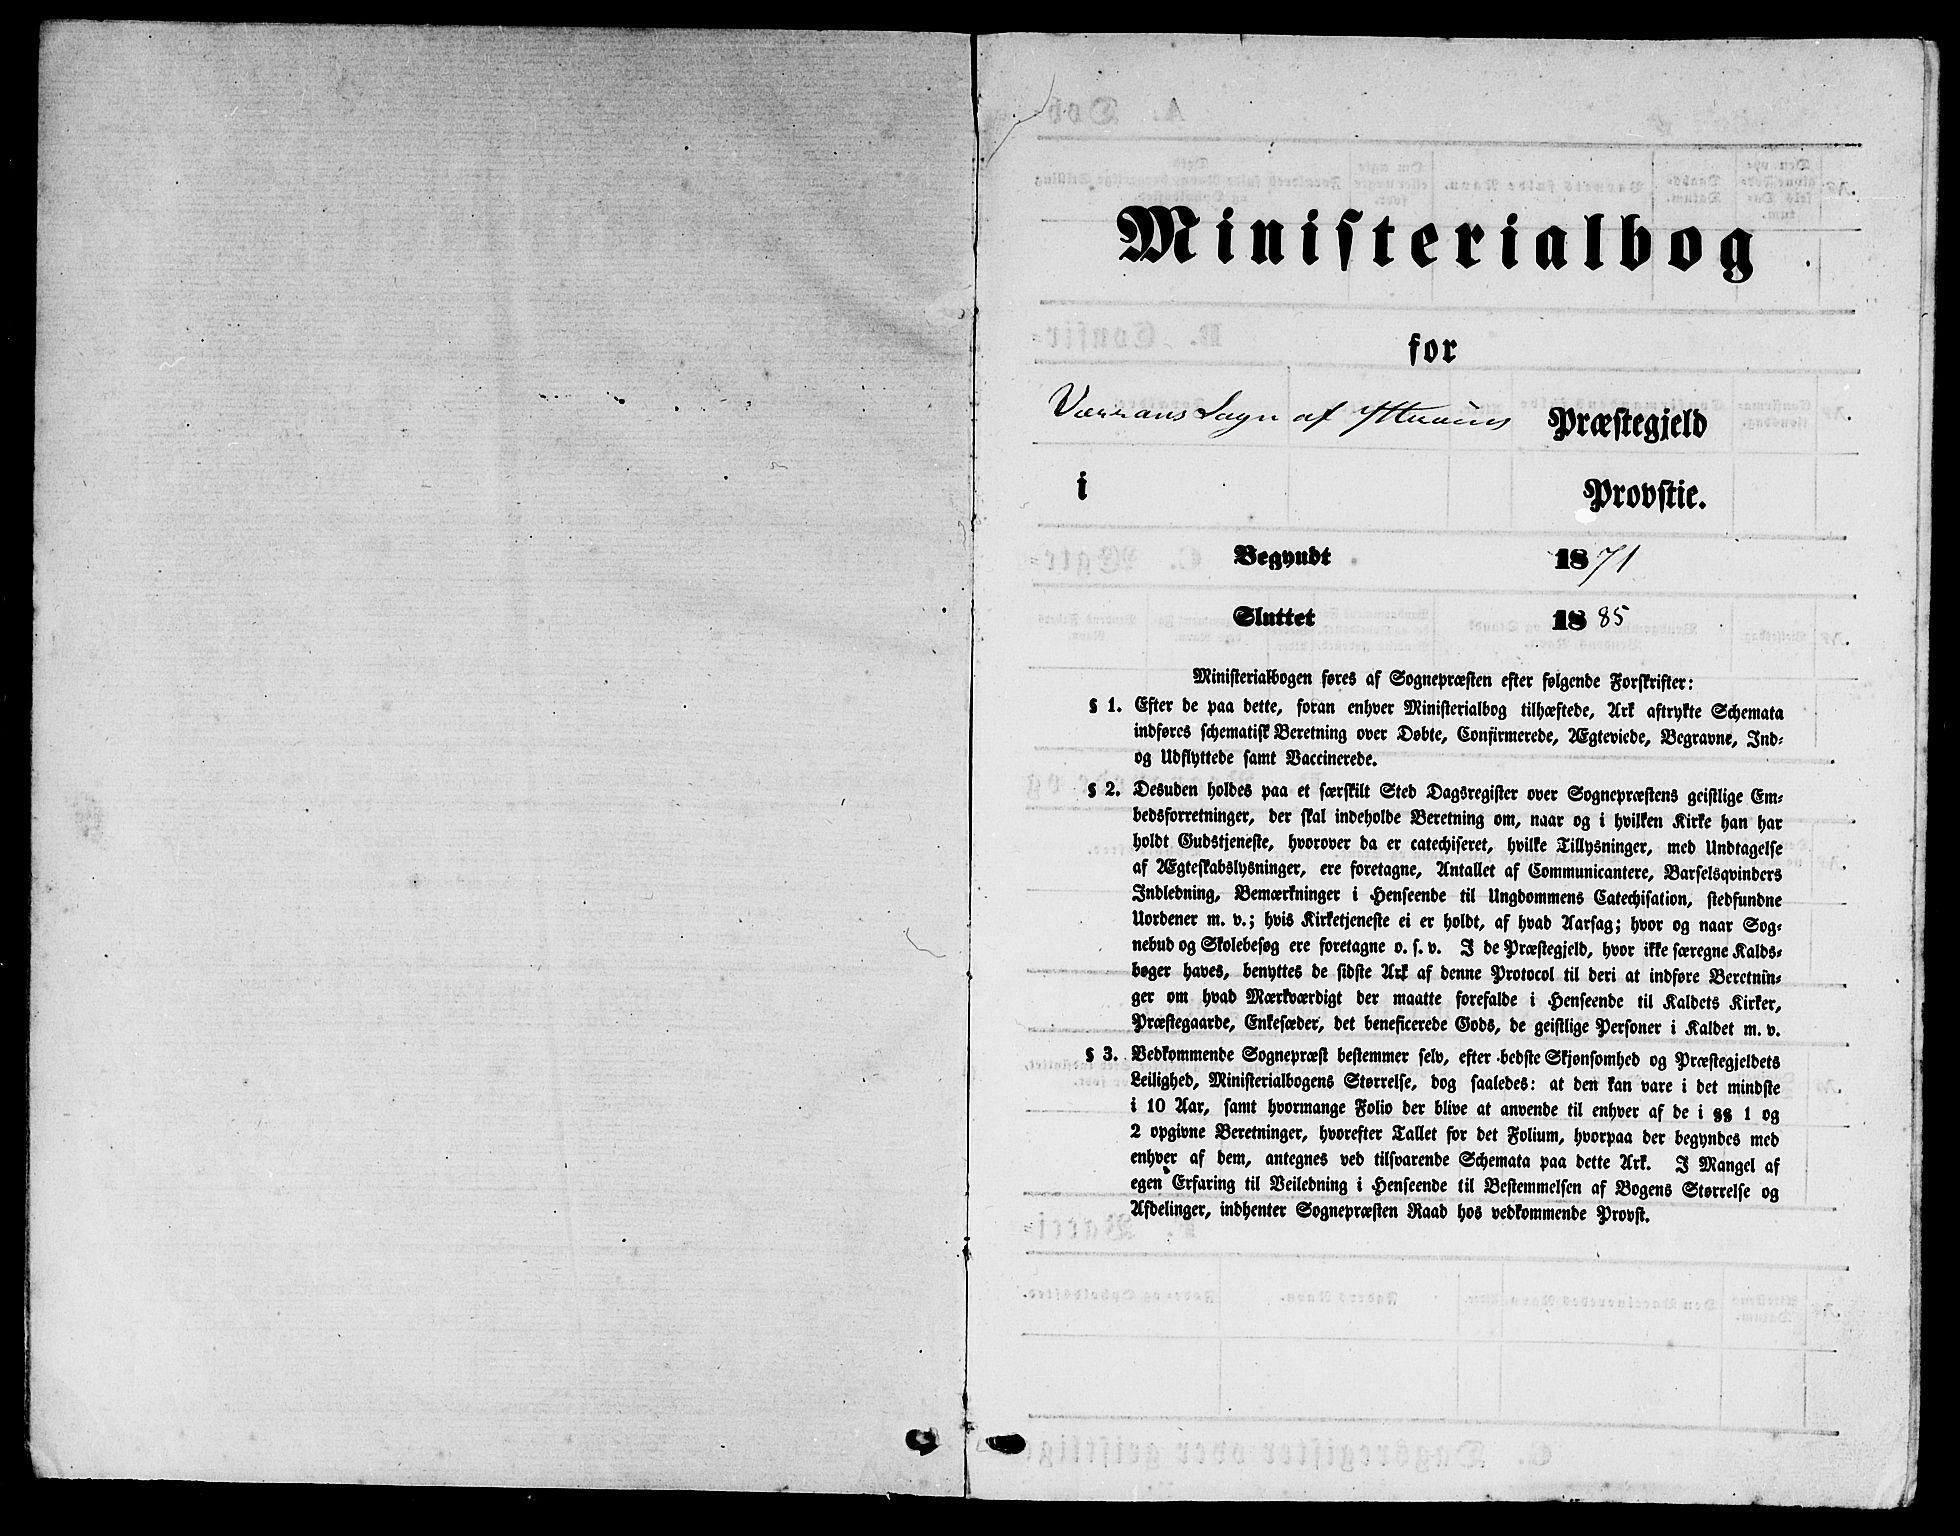 SAT, Ministerialprotokoller, klokkerbøker og fødselsregistre - Nord-Trøndelag, 744/L0422: Klokkerbok nr. 744C01, 1871-1885